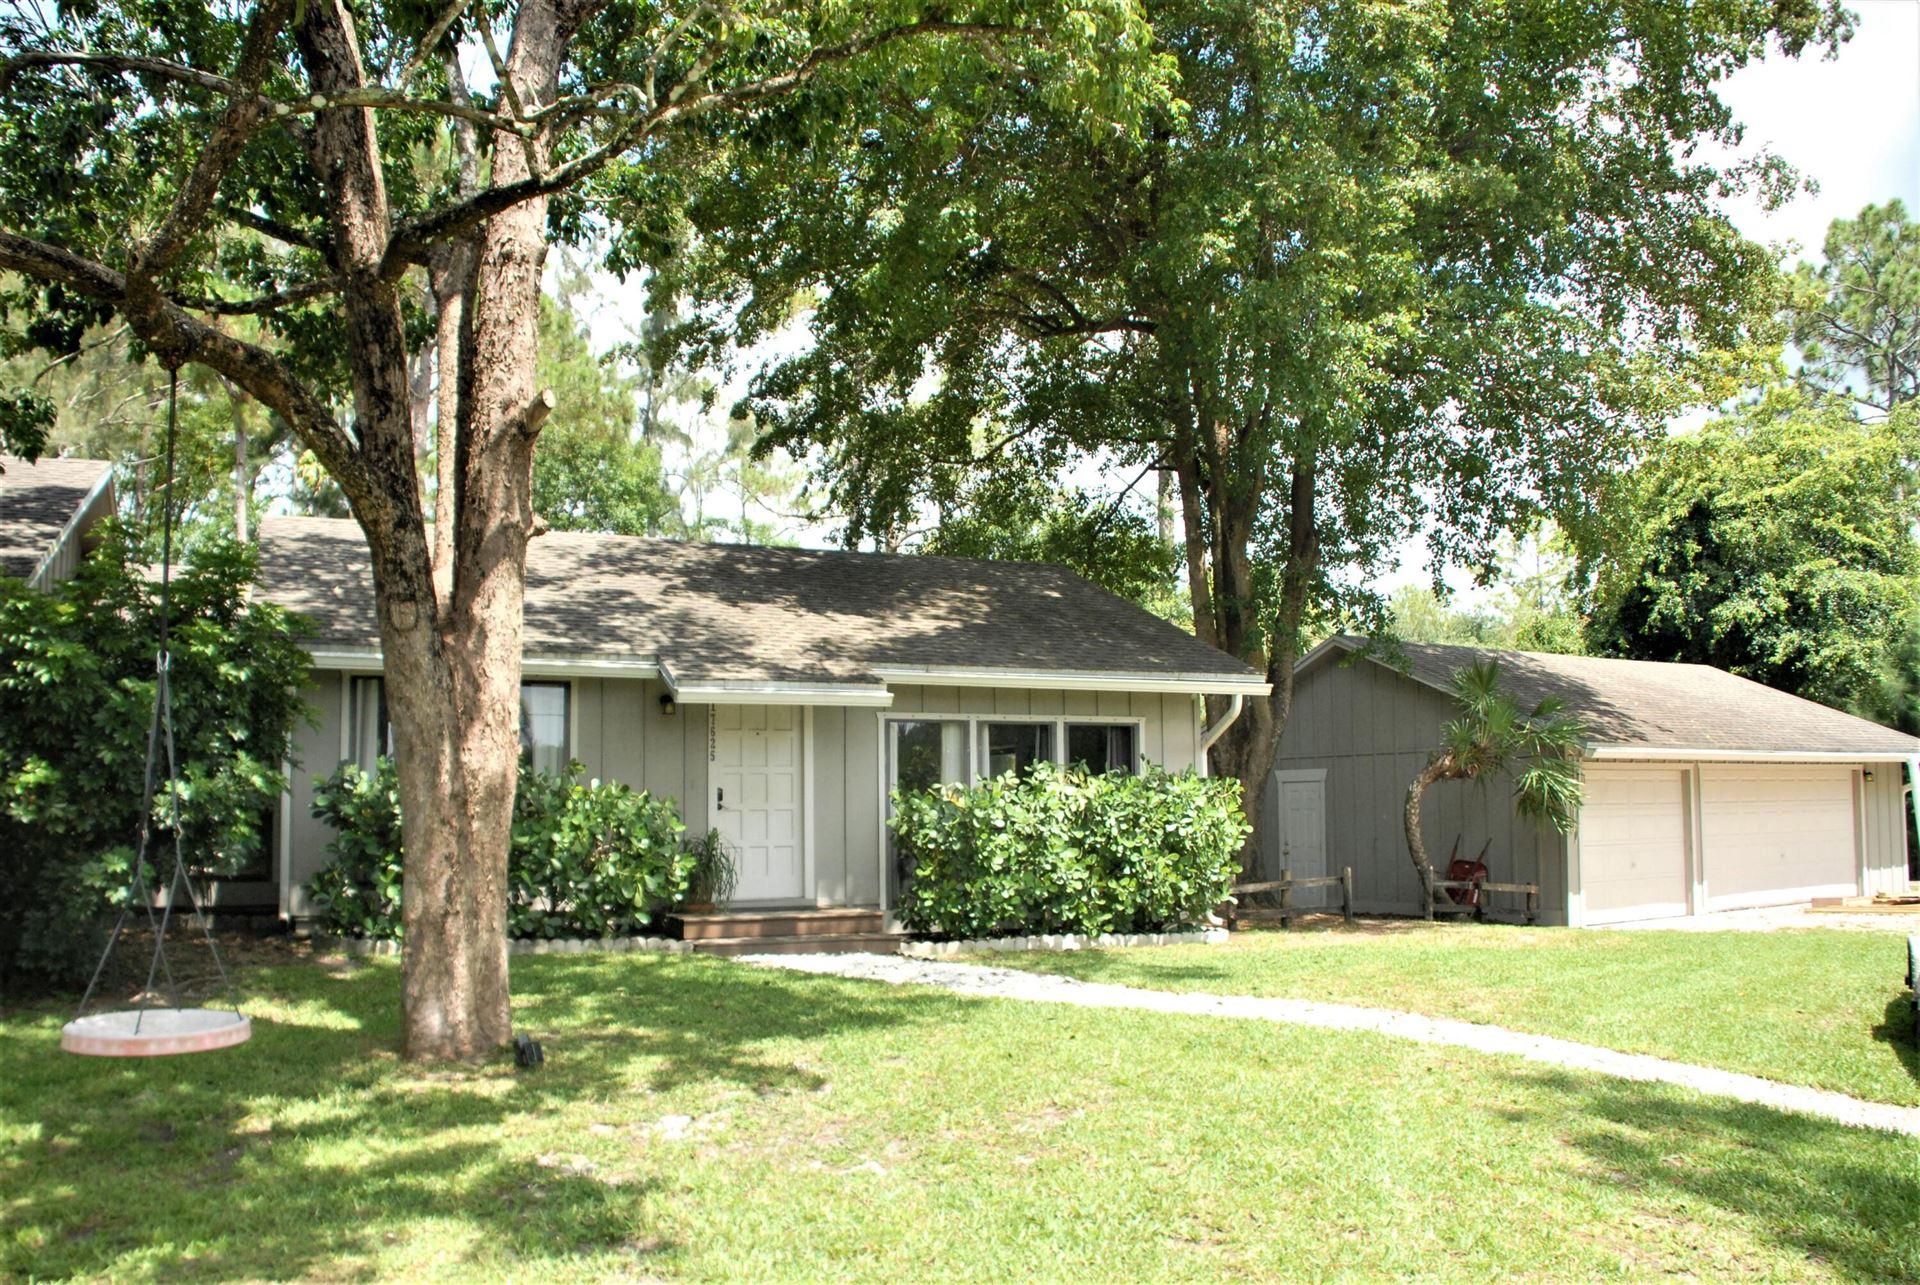 17625 131st Terrace N, Jupiter, FL 33478 - #: RX-10726218